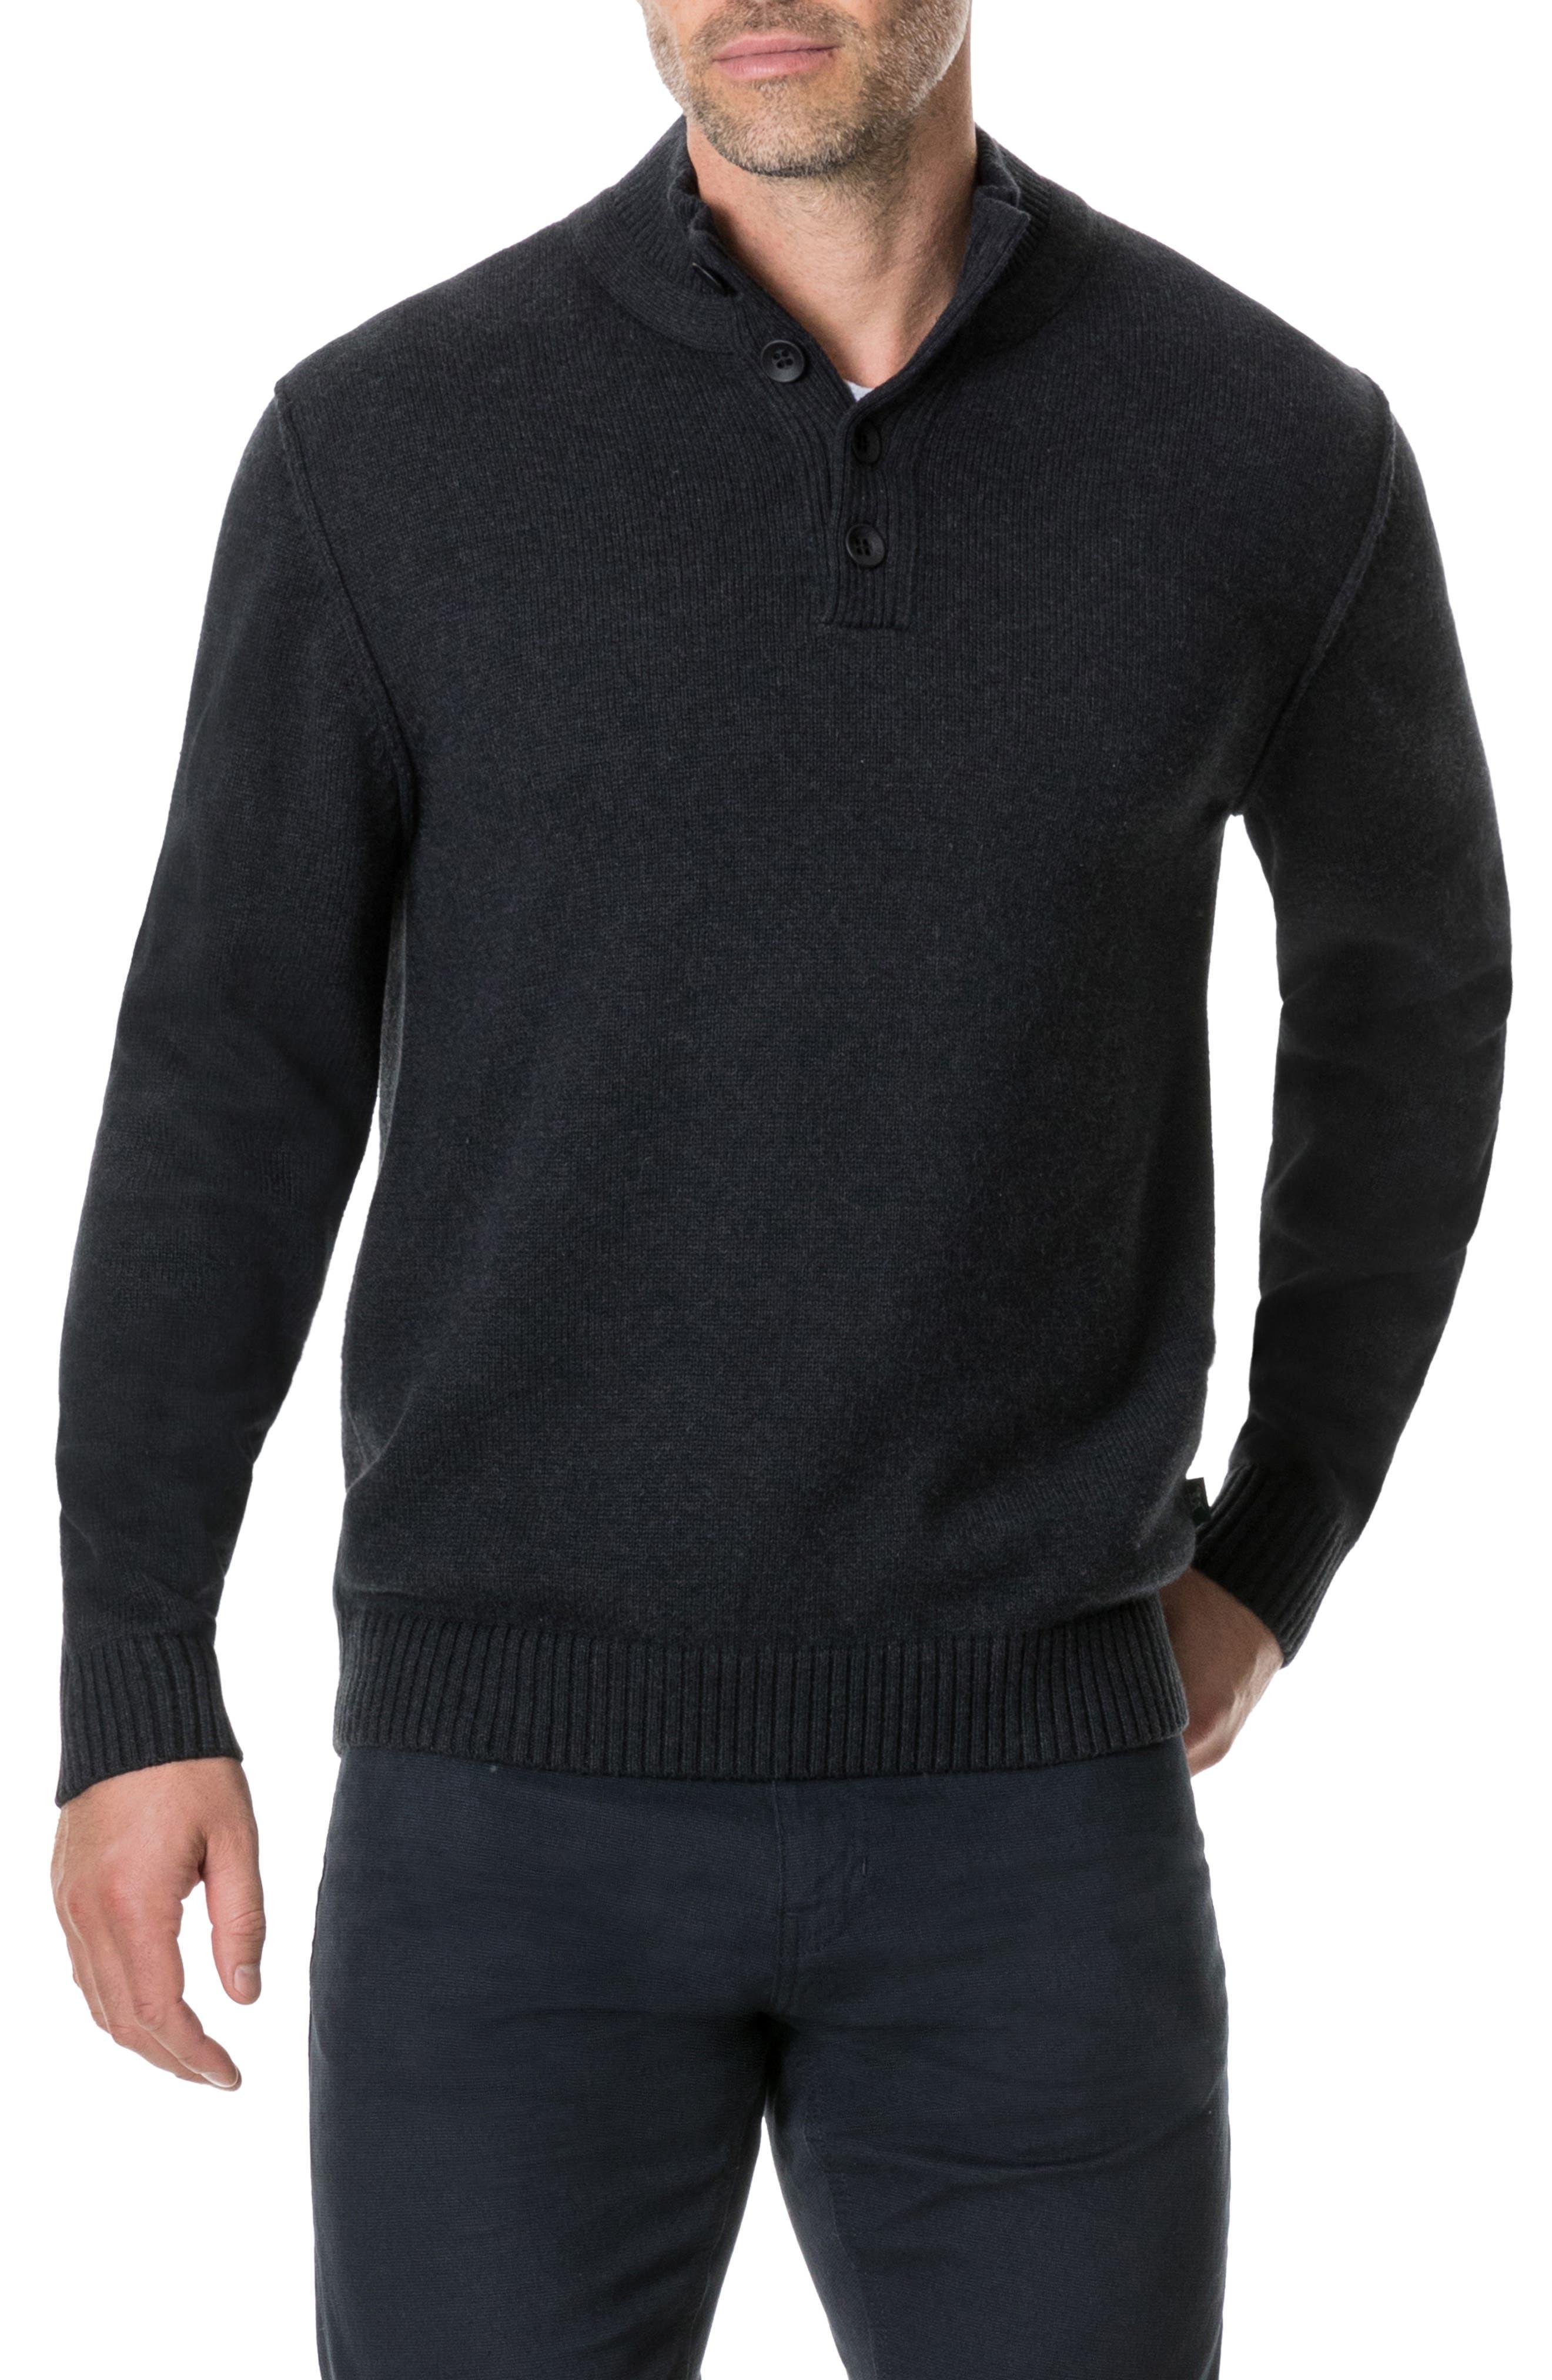 Kent Terrace Quarter Button Sweater,                             Main thumbnail 1, color,                             CHARCOAL